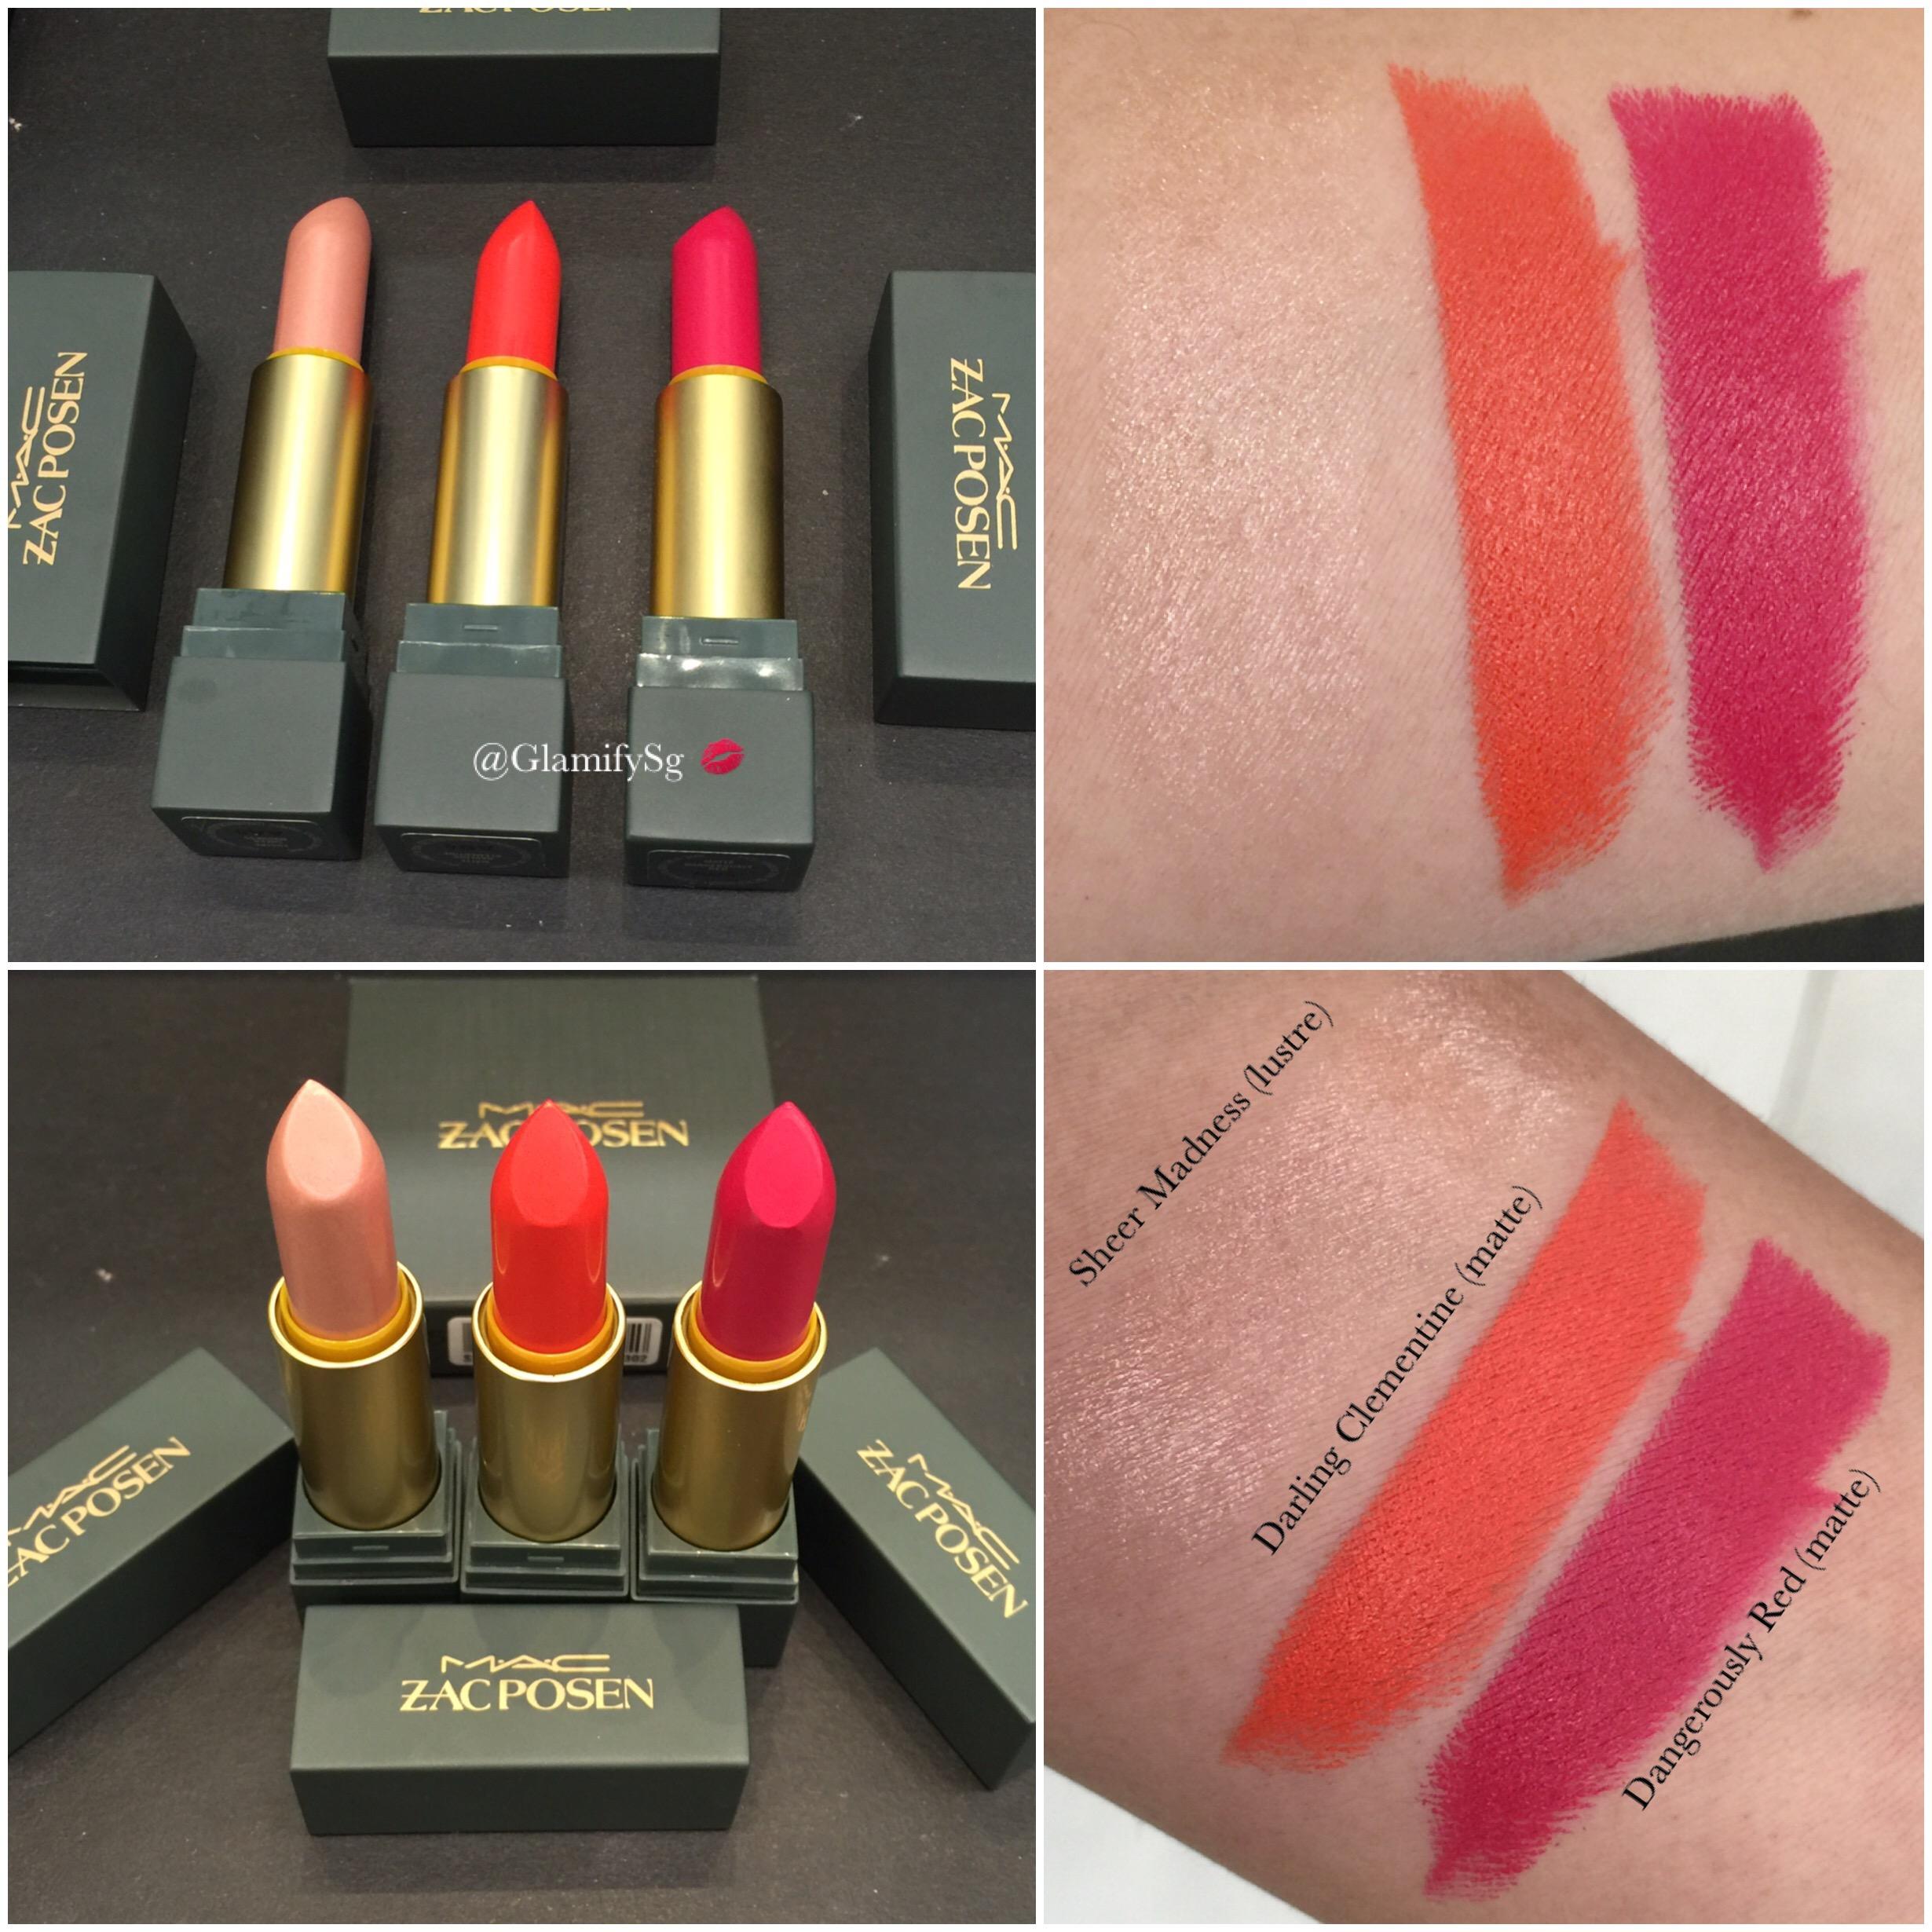 ผลการค้นหารูปภาพสำหรับ mac zac posen lipstick